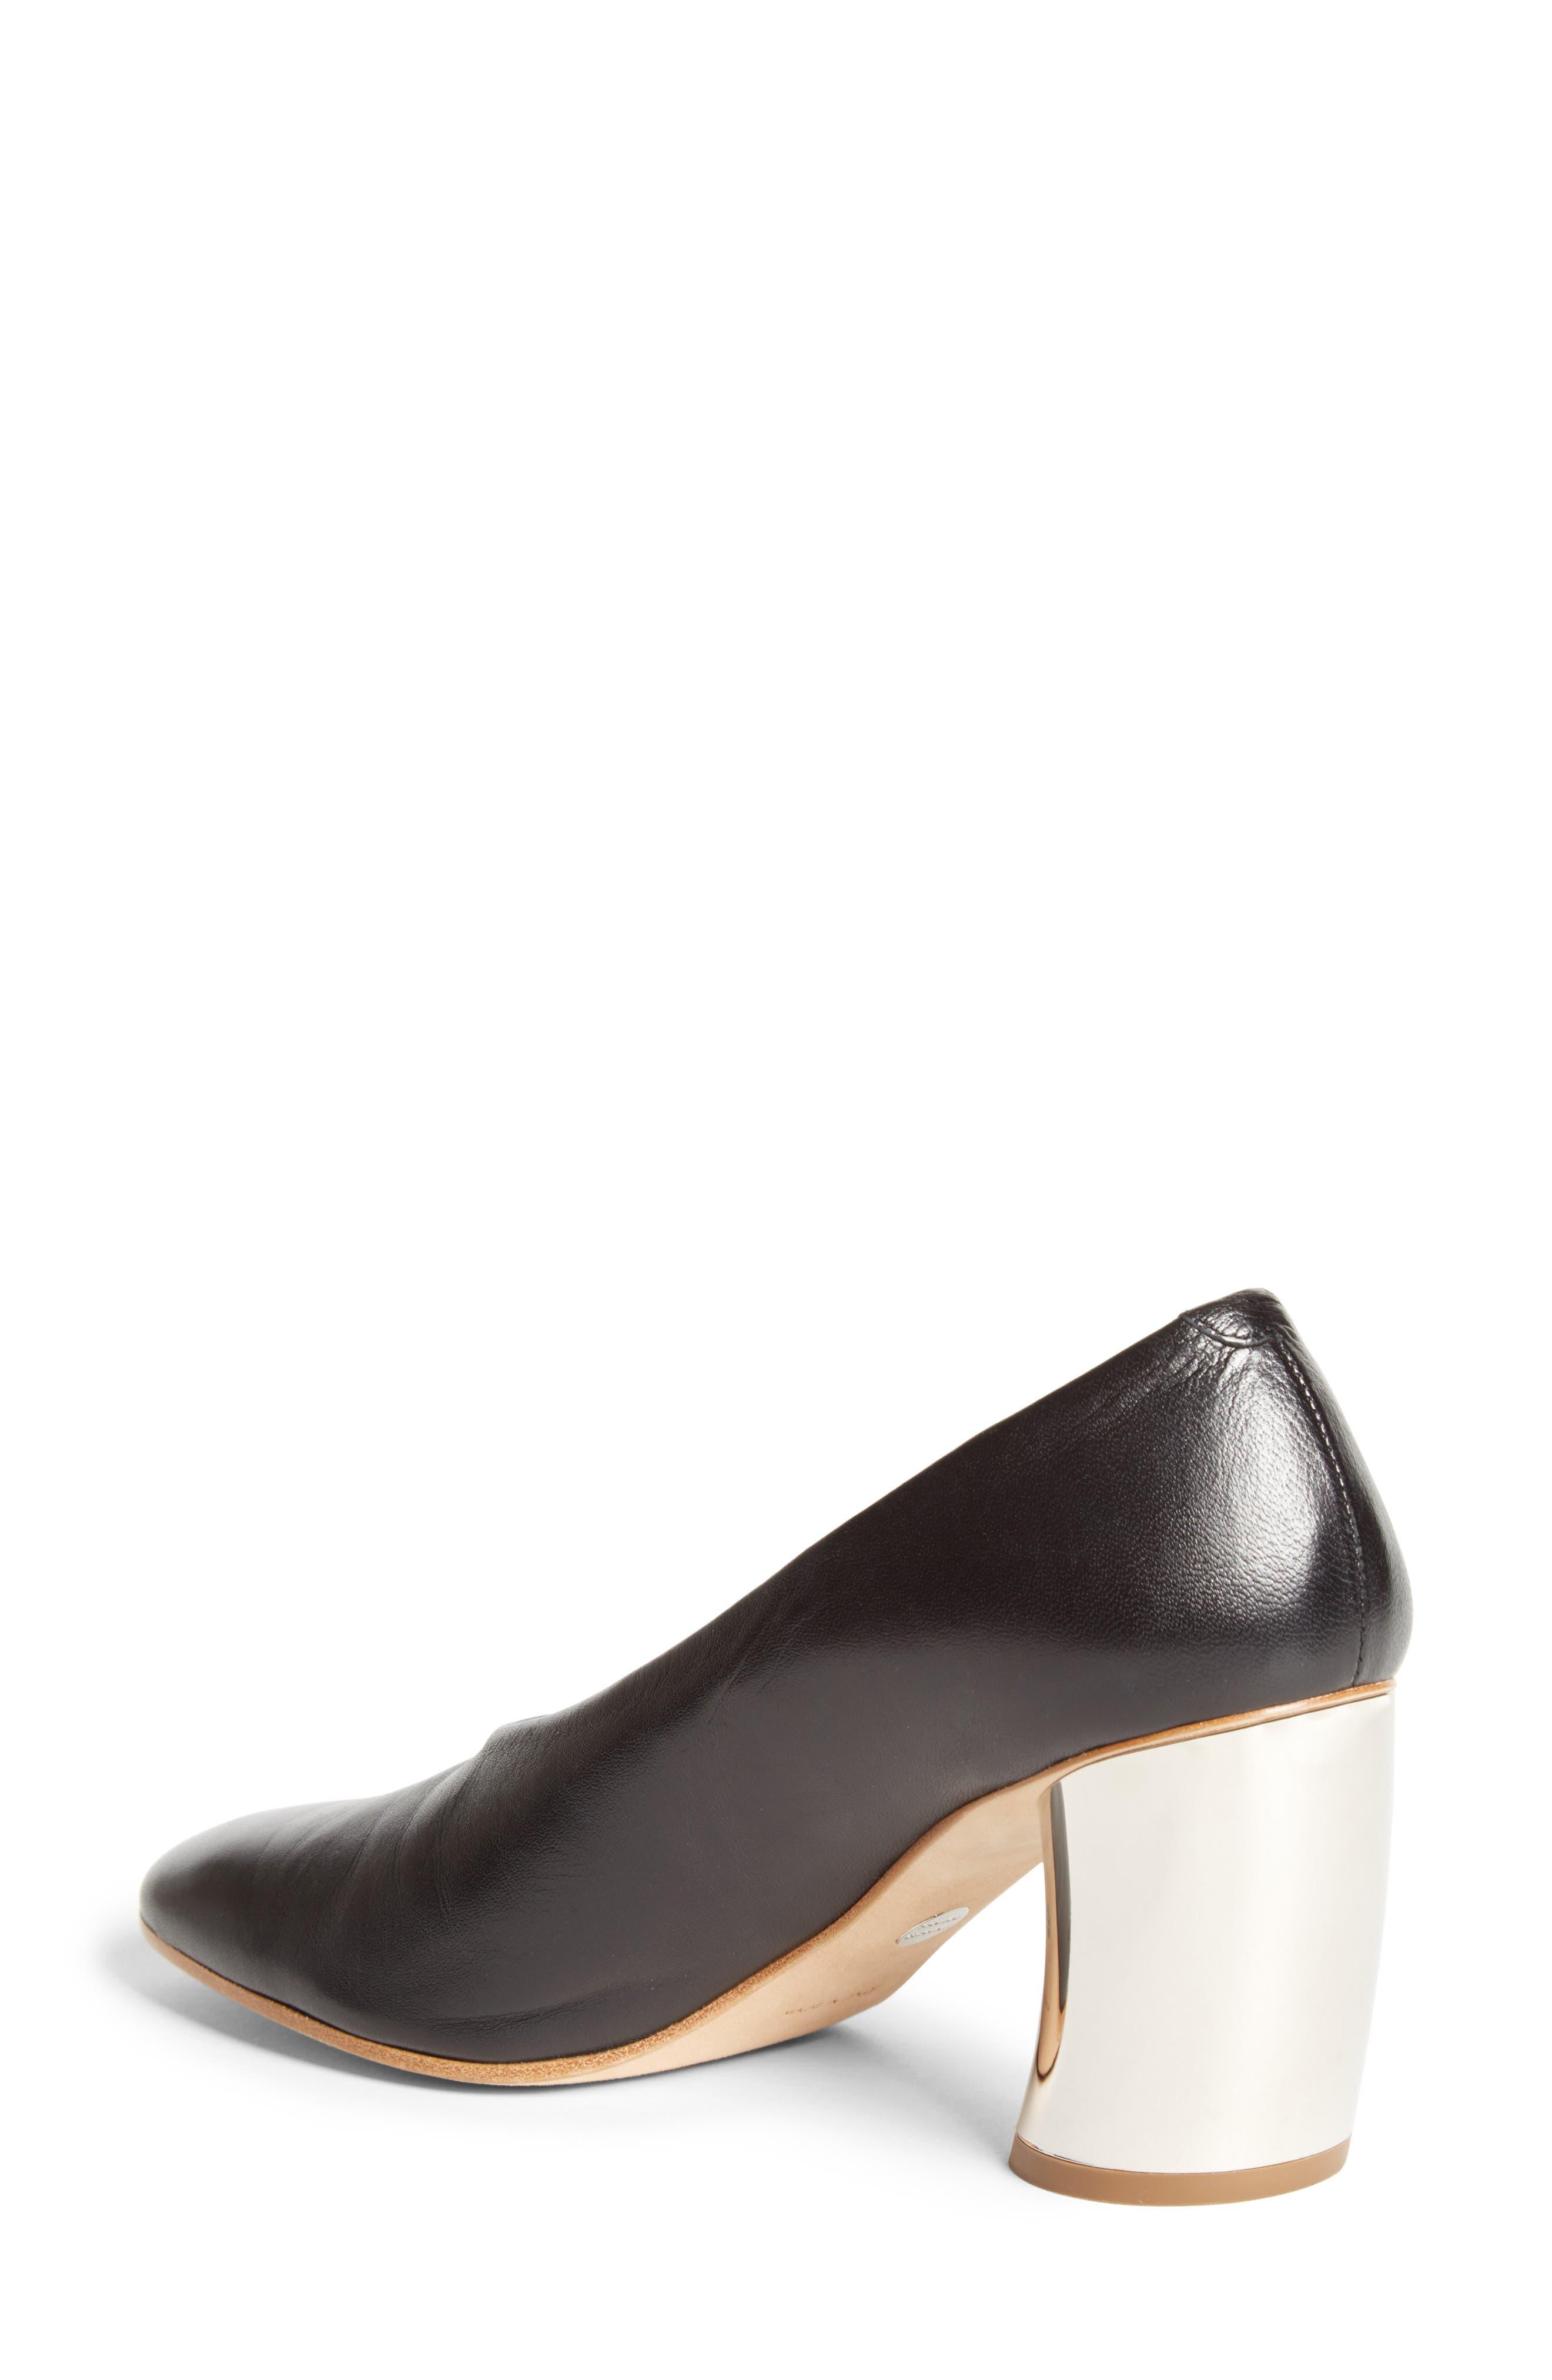 Alternate Image 2  - Proenza Schouler Mirrored Heel Pump (Women)